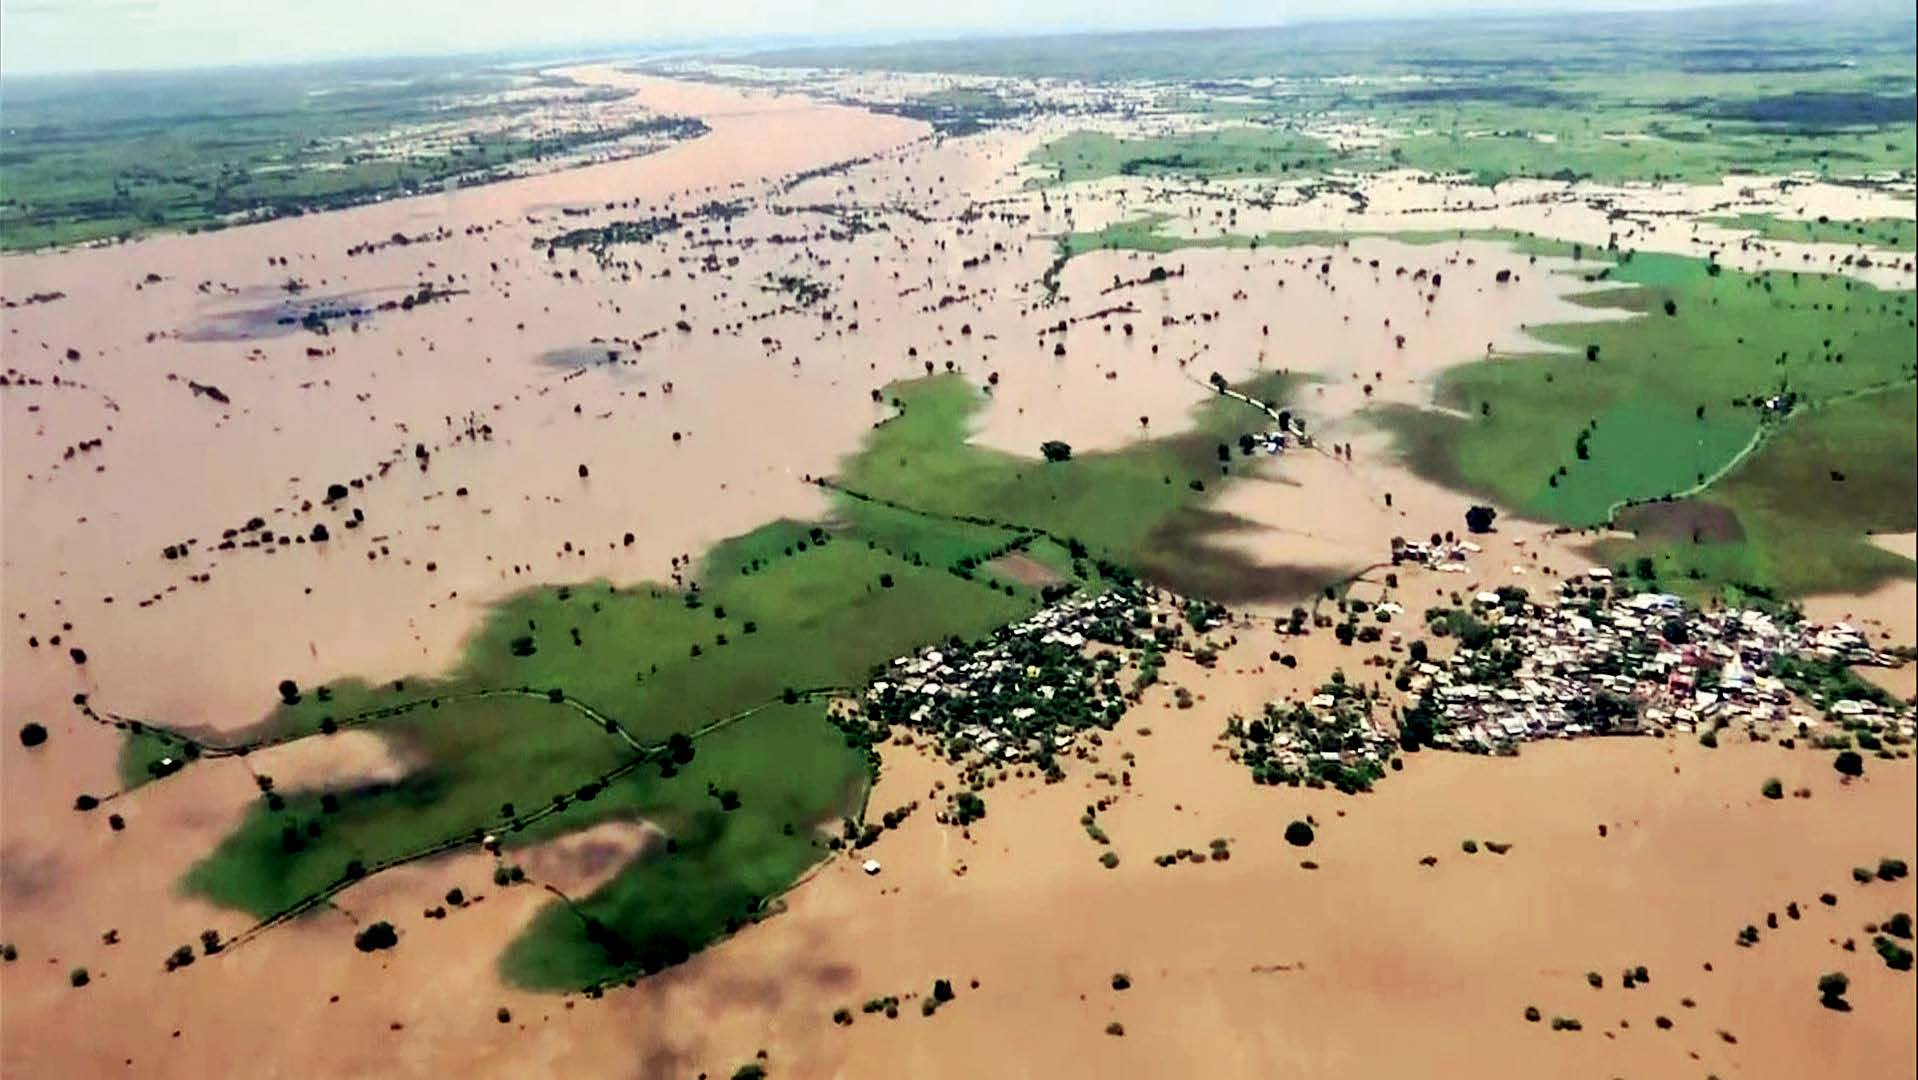 कोविड के साथ अब बाढ़ का कहर